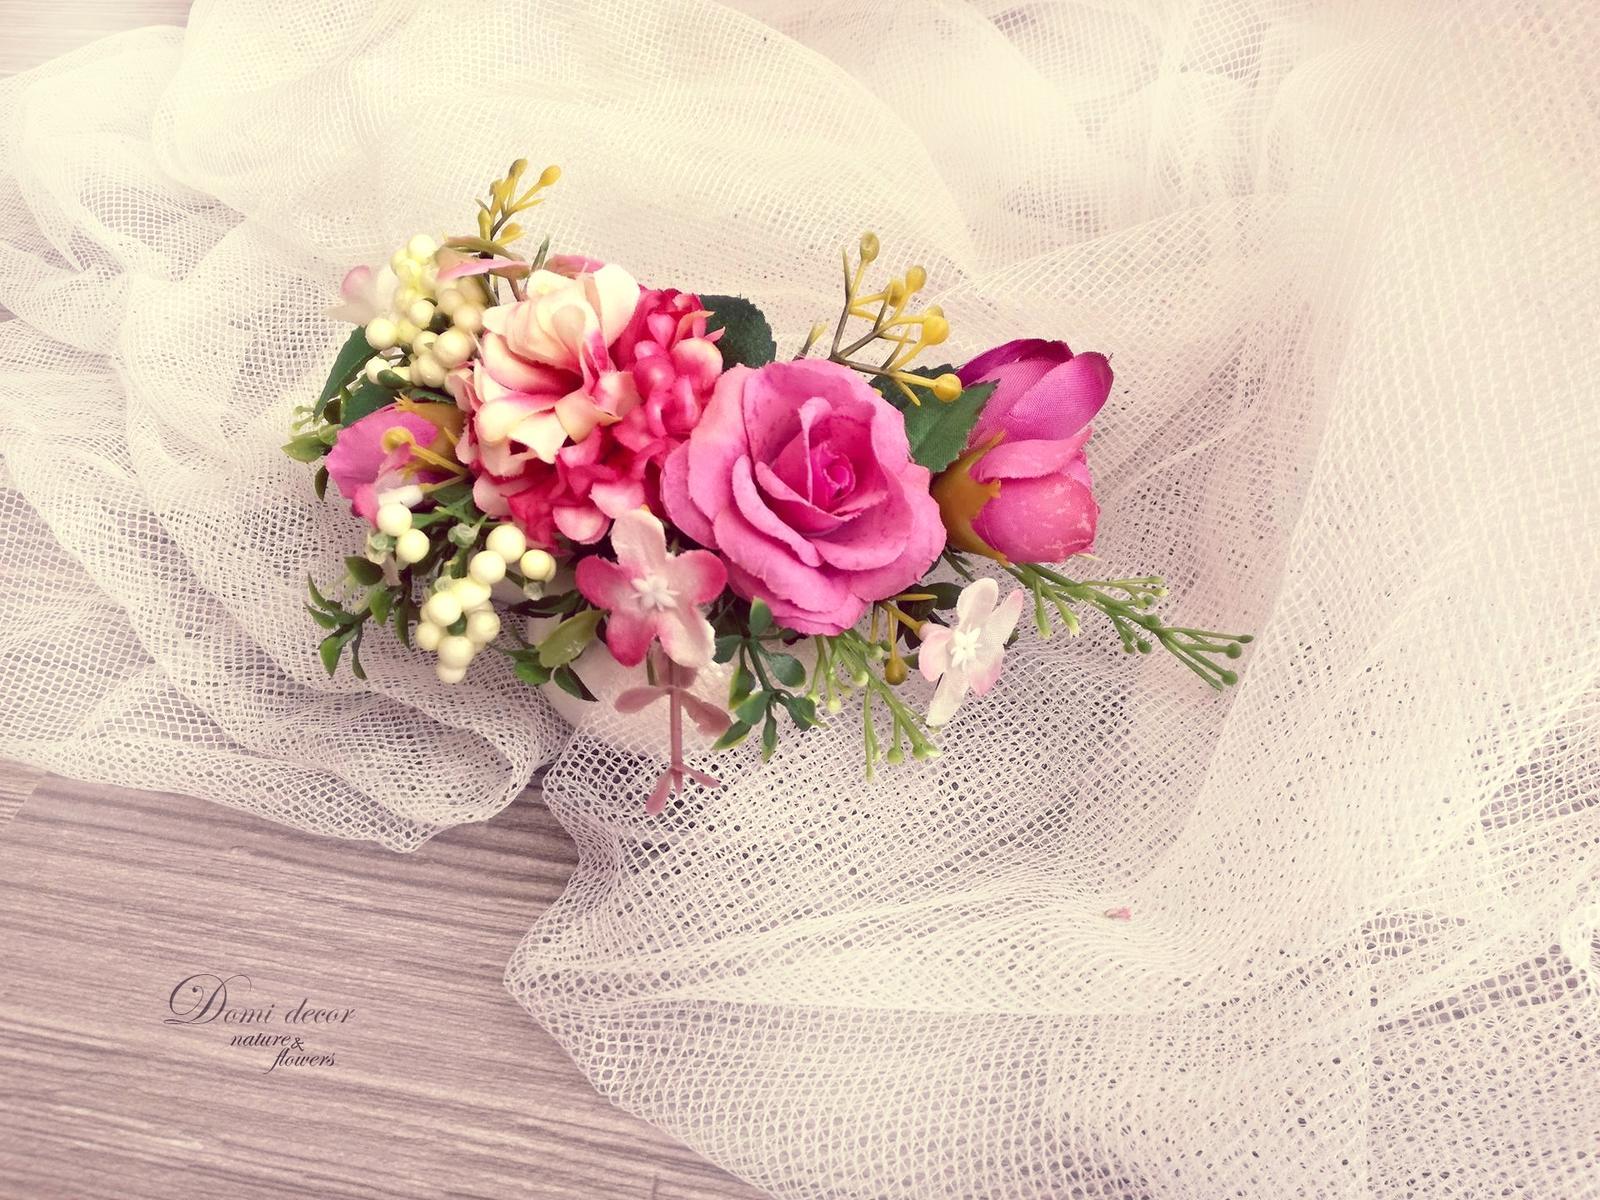 Doplnky pre nevestu, ženícha, družičky z trvácnych kvietkov... inšpirácie ♥ - Obrázok č. 30